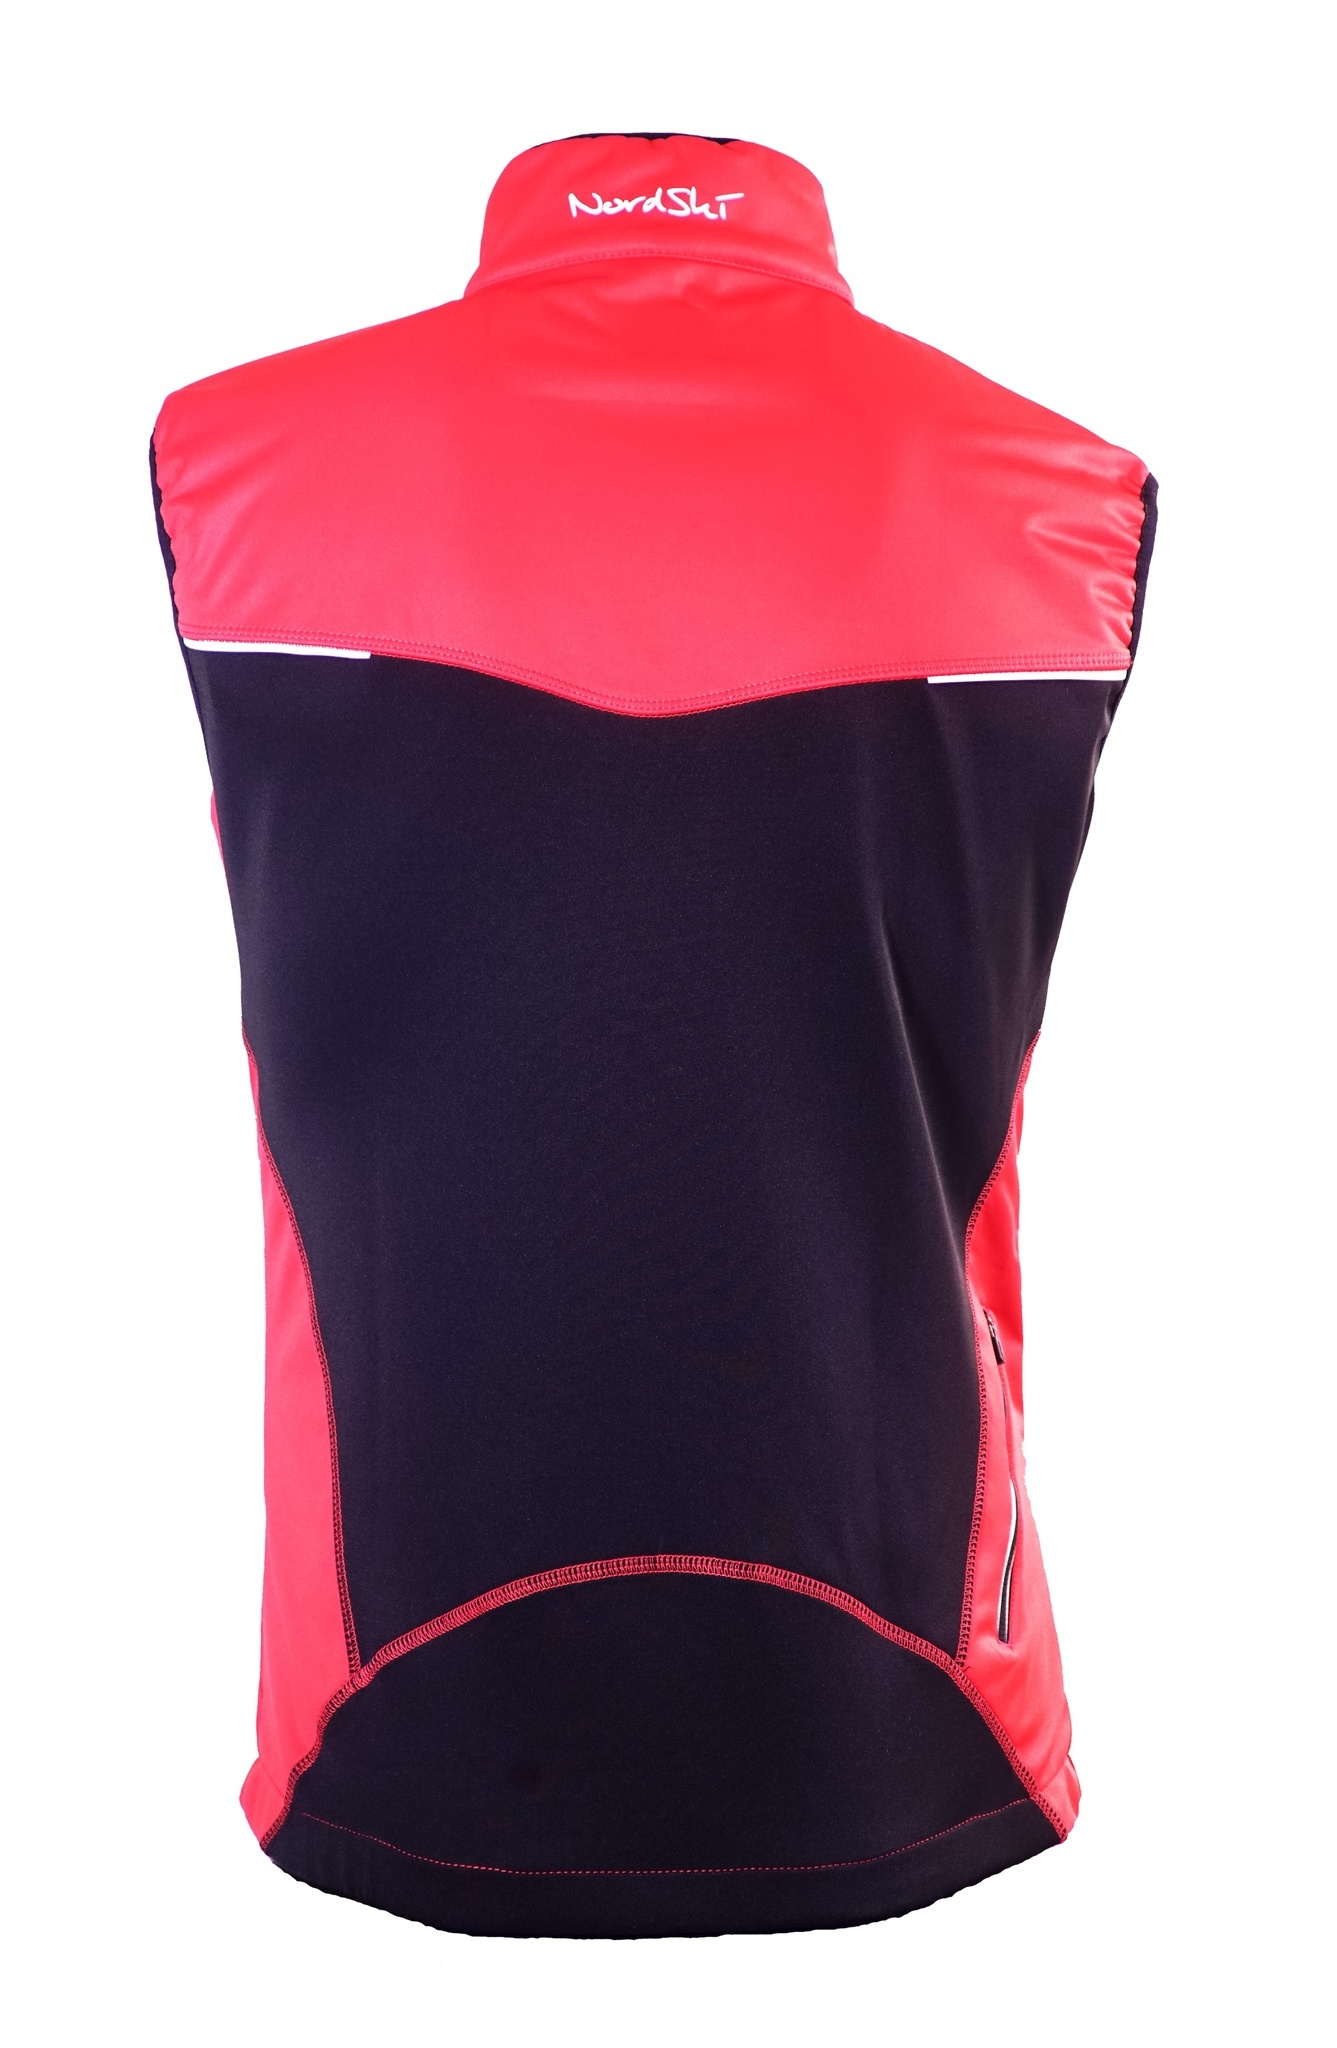 Мужской лыжный жилет Nordski Premium (NSM306900) красный фото спина